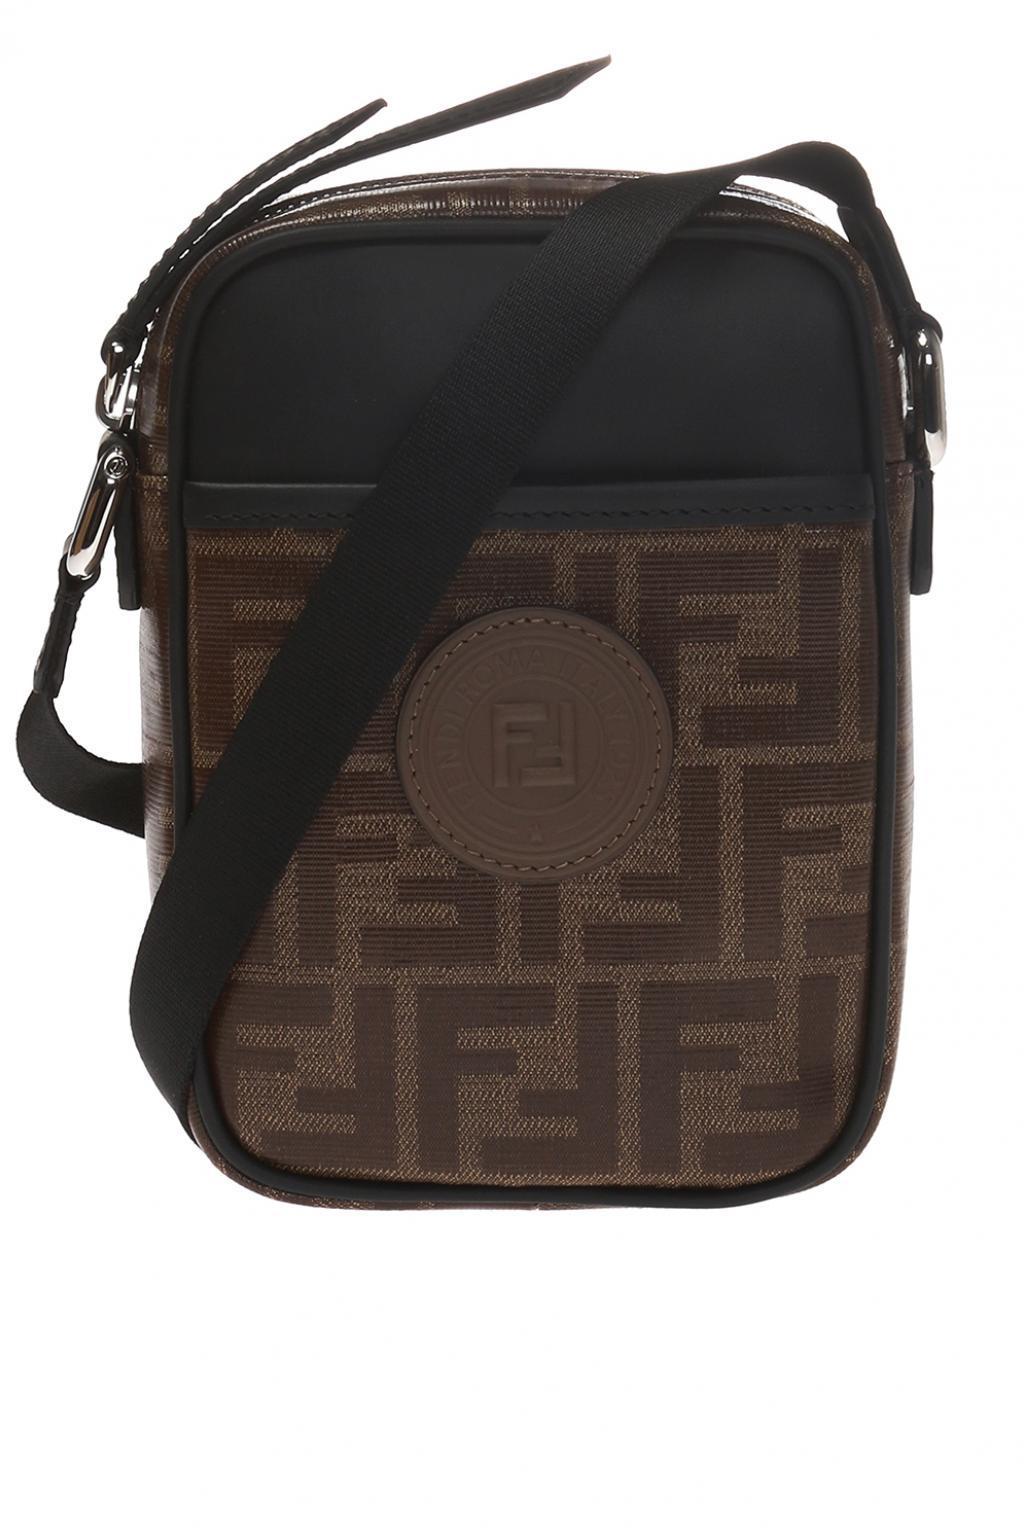 Lyst - Fendi Ff Print Crossbody Bag in Brown for Men - Save 15%